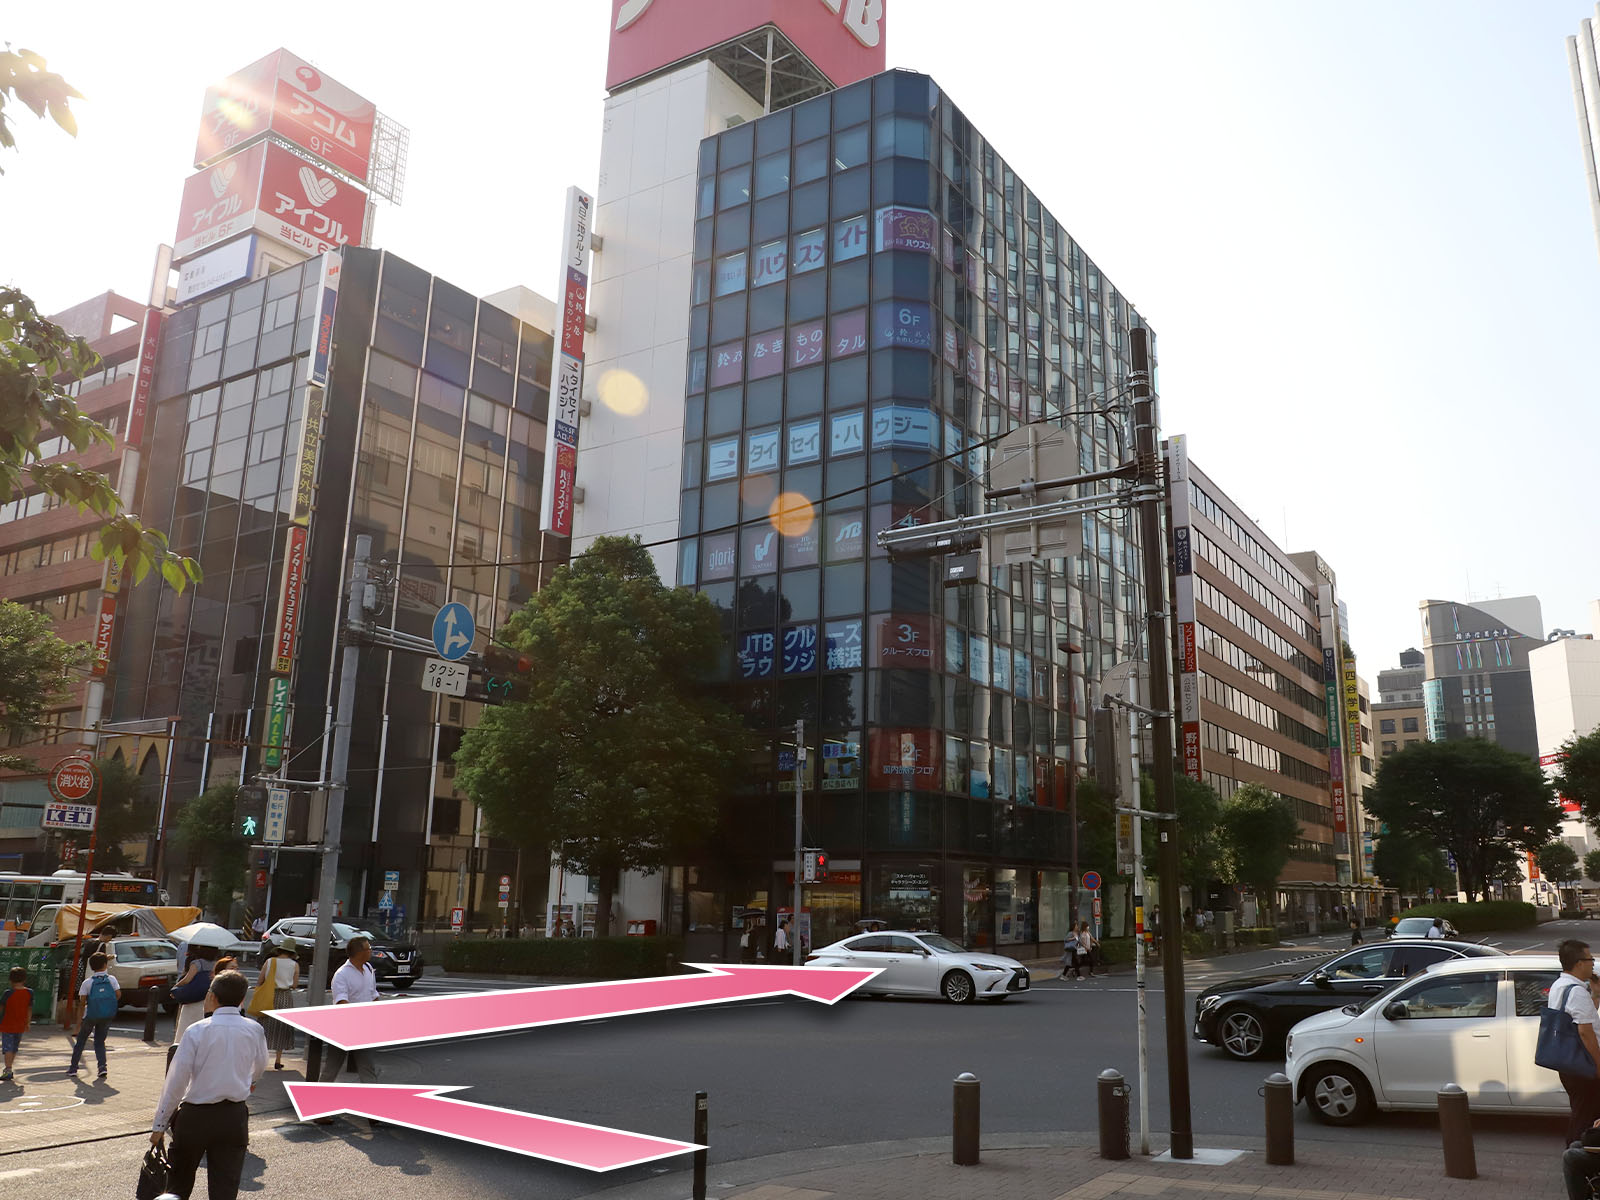 東京中央美容外科横浜院相鉄線ルート06